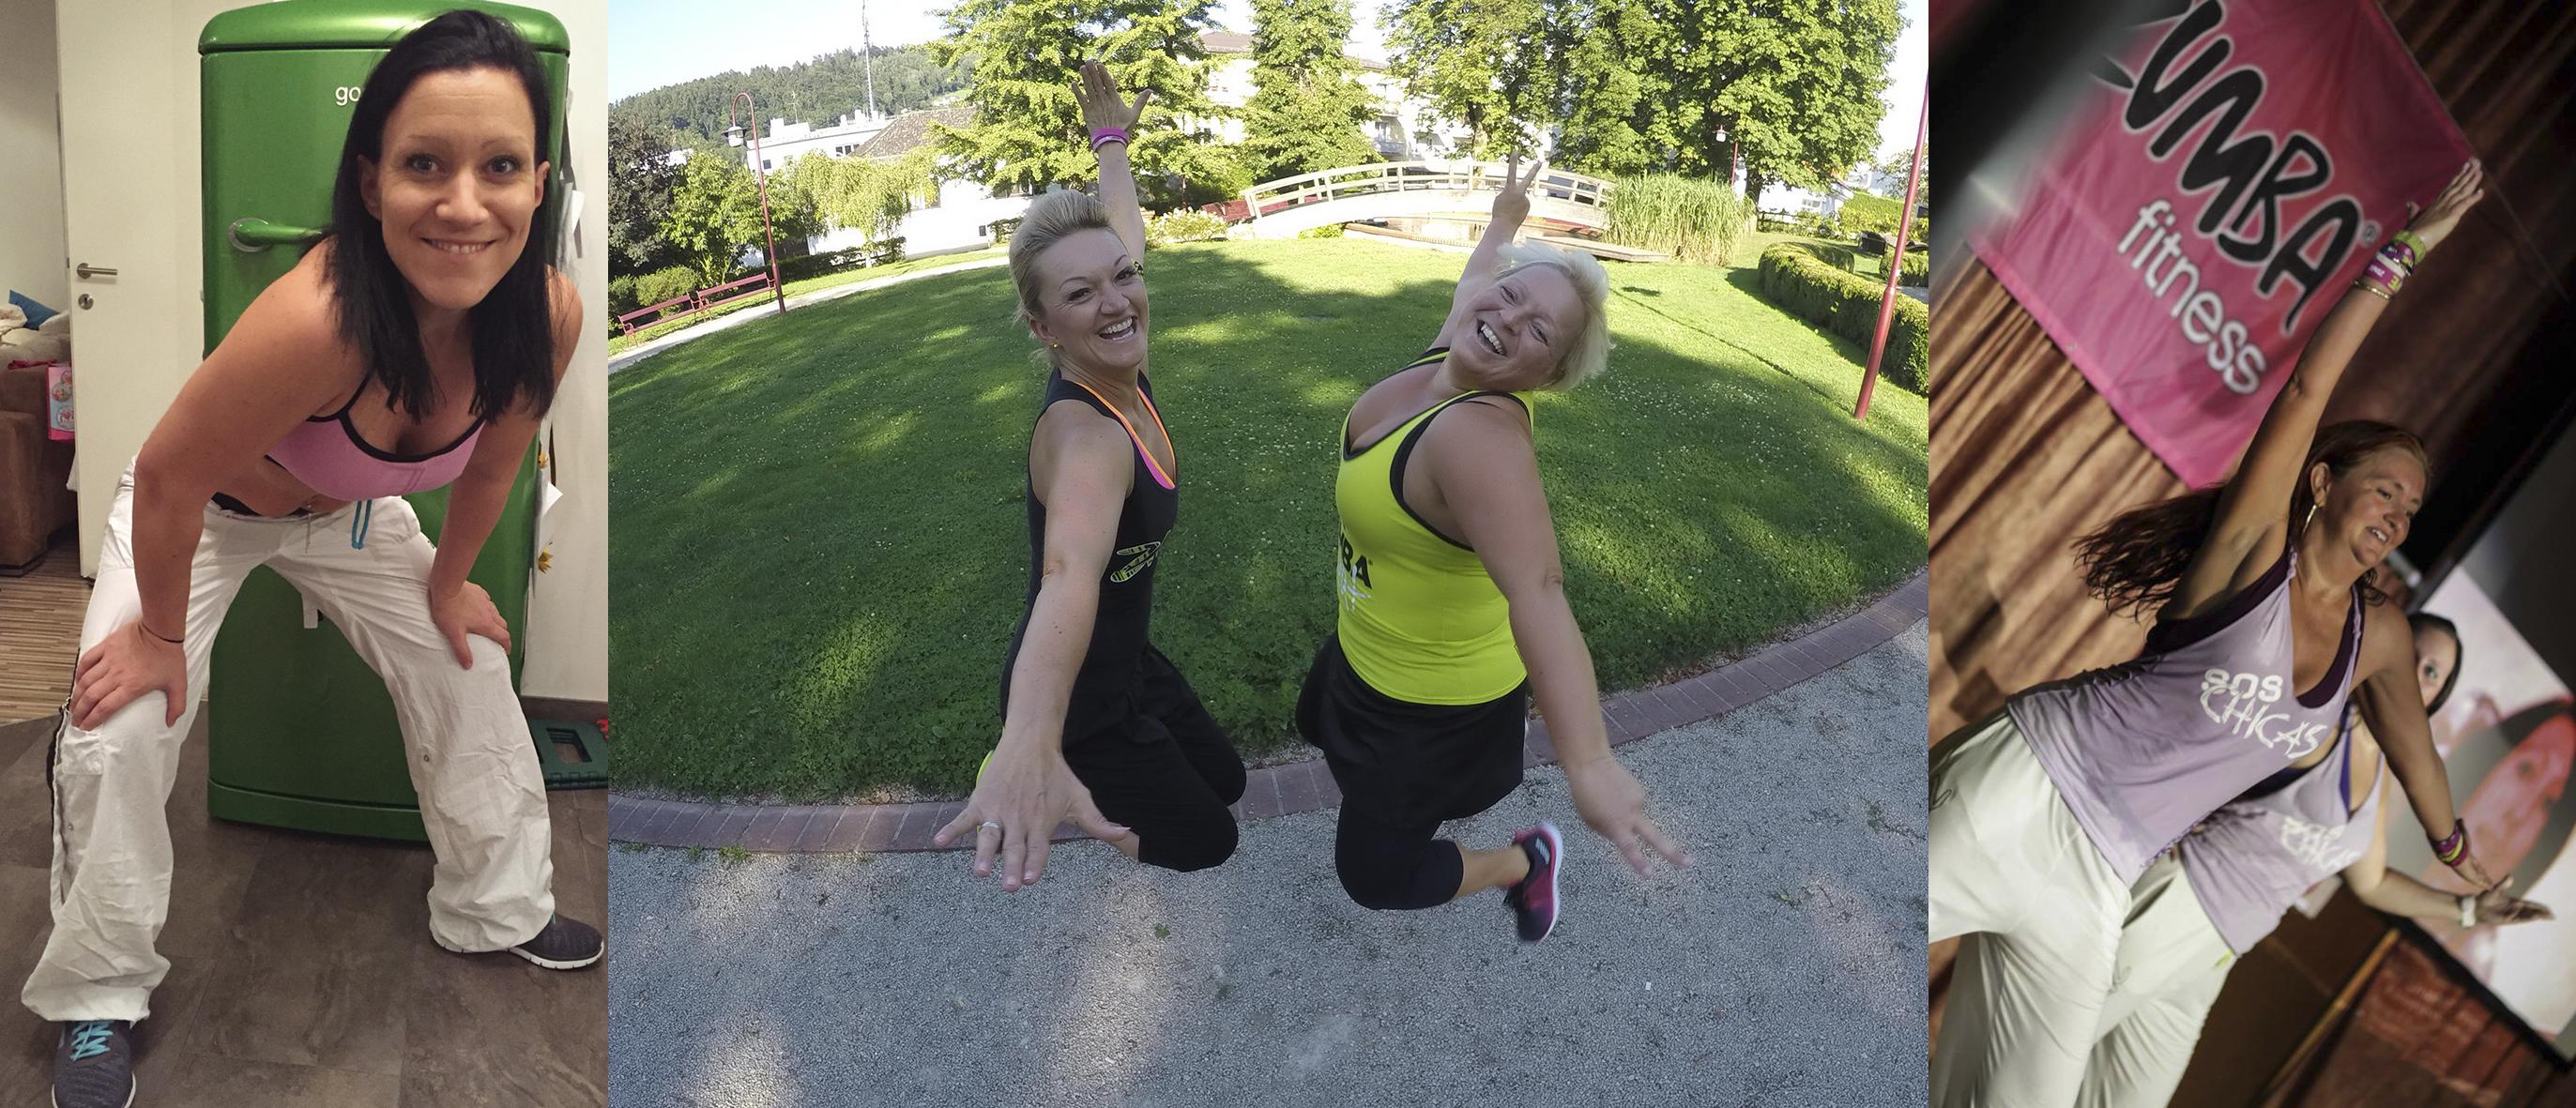 Verein Tanz Dich Fit - Berni & Sandra Zumba Fitness von Waidhofen an der Ybbs und die ZUMBA-Trainerinnen aus der Region Christina Zöchbauer (Zeillern), Sissi Lukaschek (Gleiss)